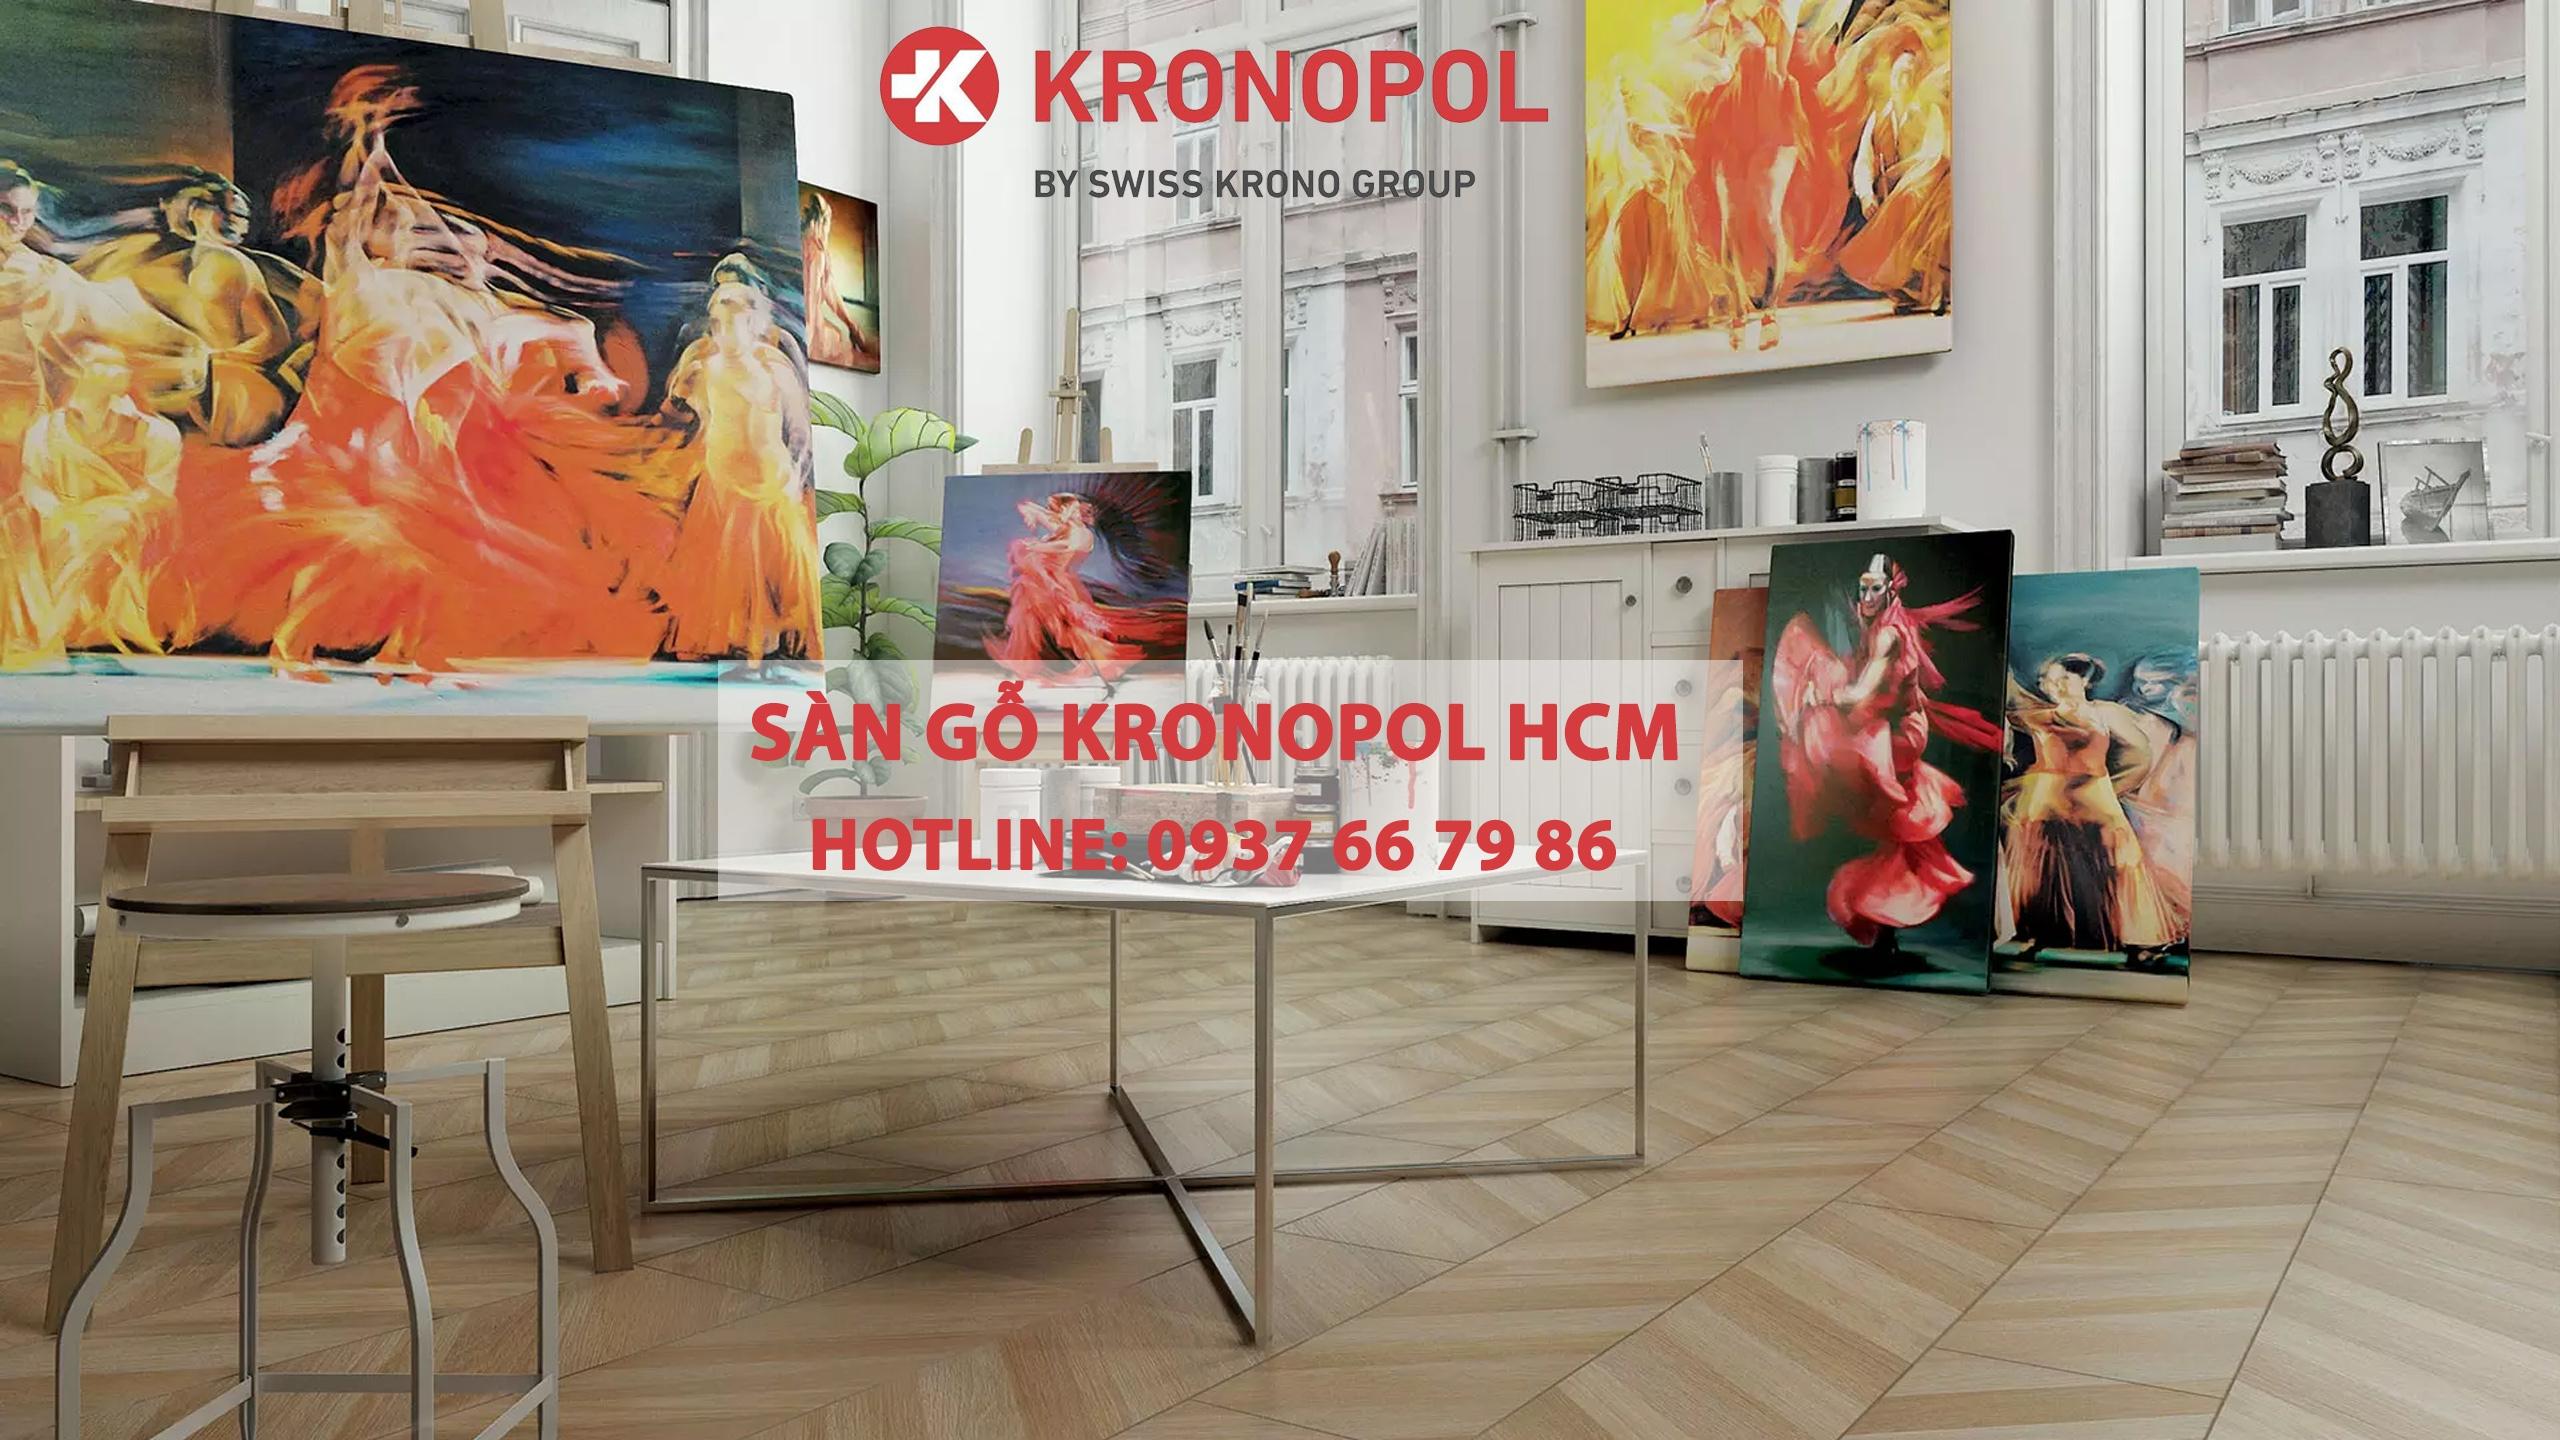 sàn gỗ kronopol - sàn gỗ ba lan - sàn gỗ châu âu (@sangokronopolnet) Cover Image